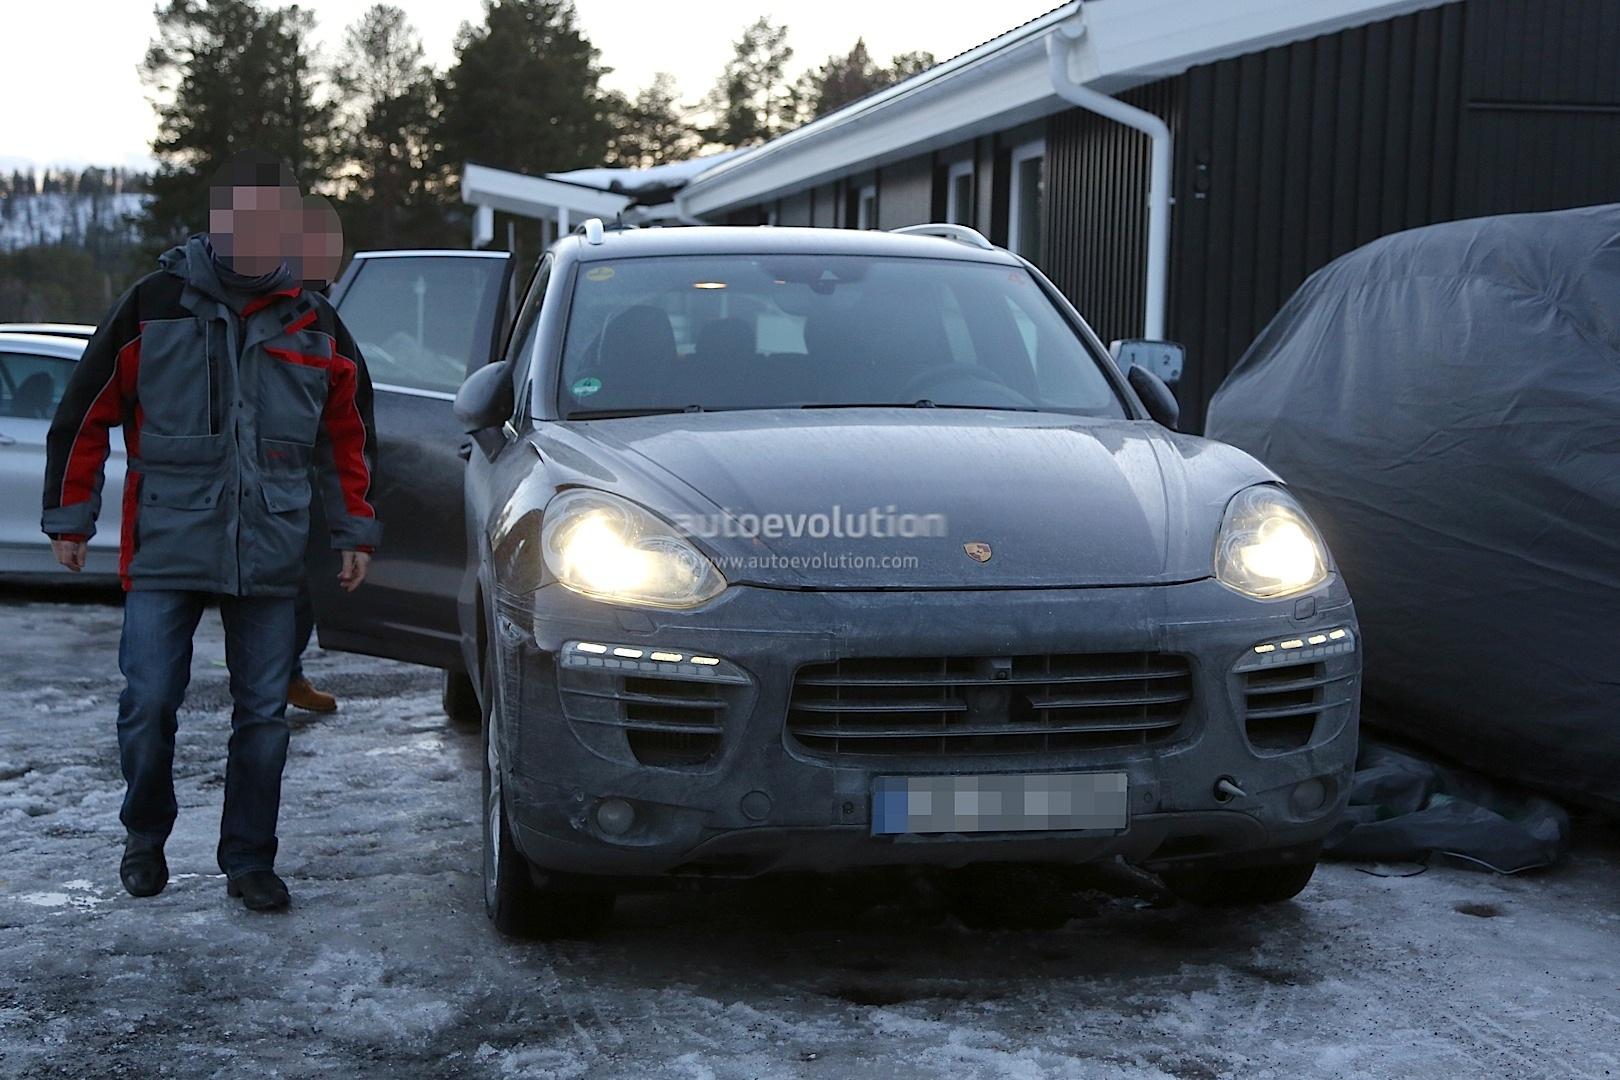 New Porsche Cayenne 2015